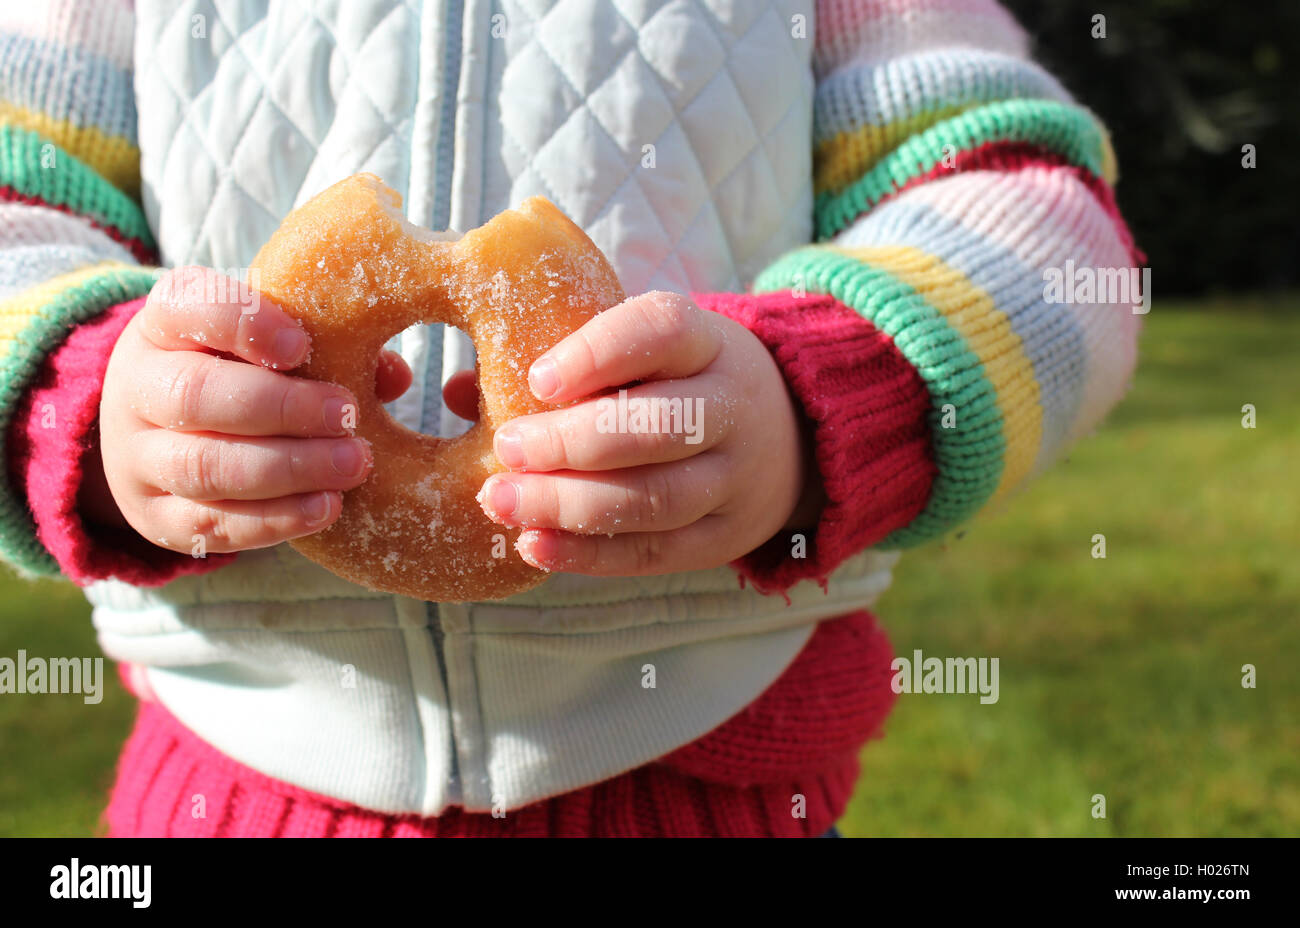 Mädchen über Essen und Naschen auf ungesunde Lebensmittel Stockbild